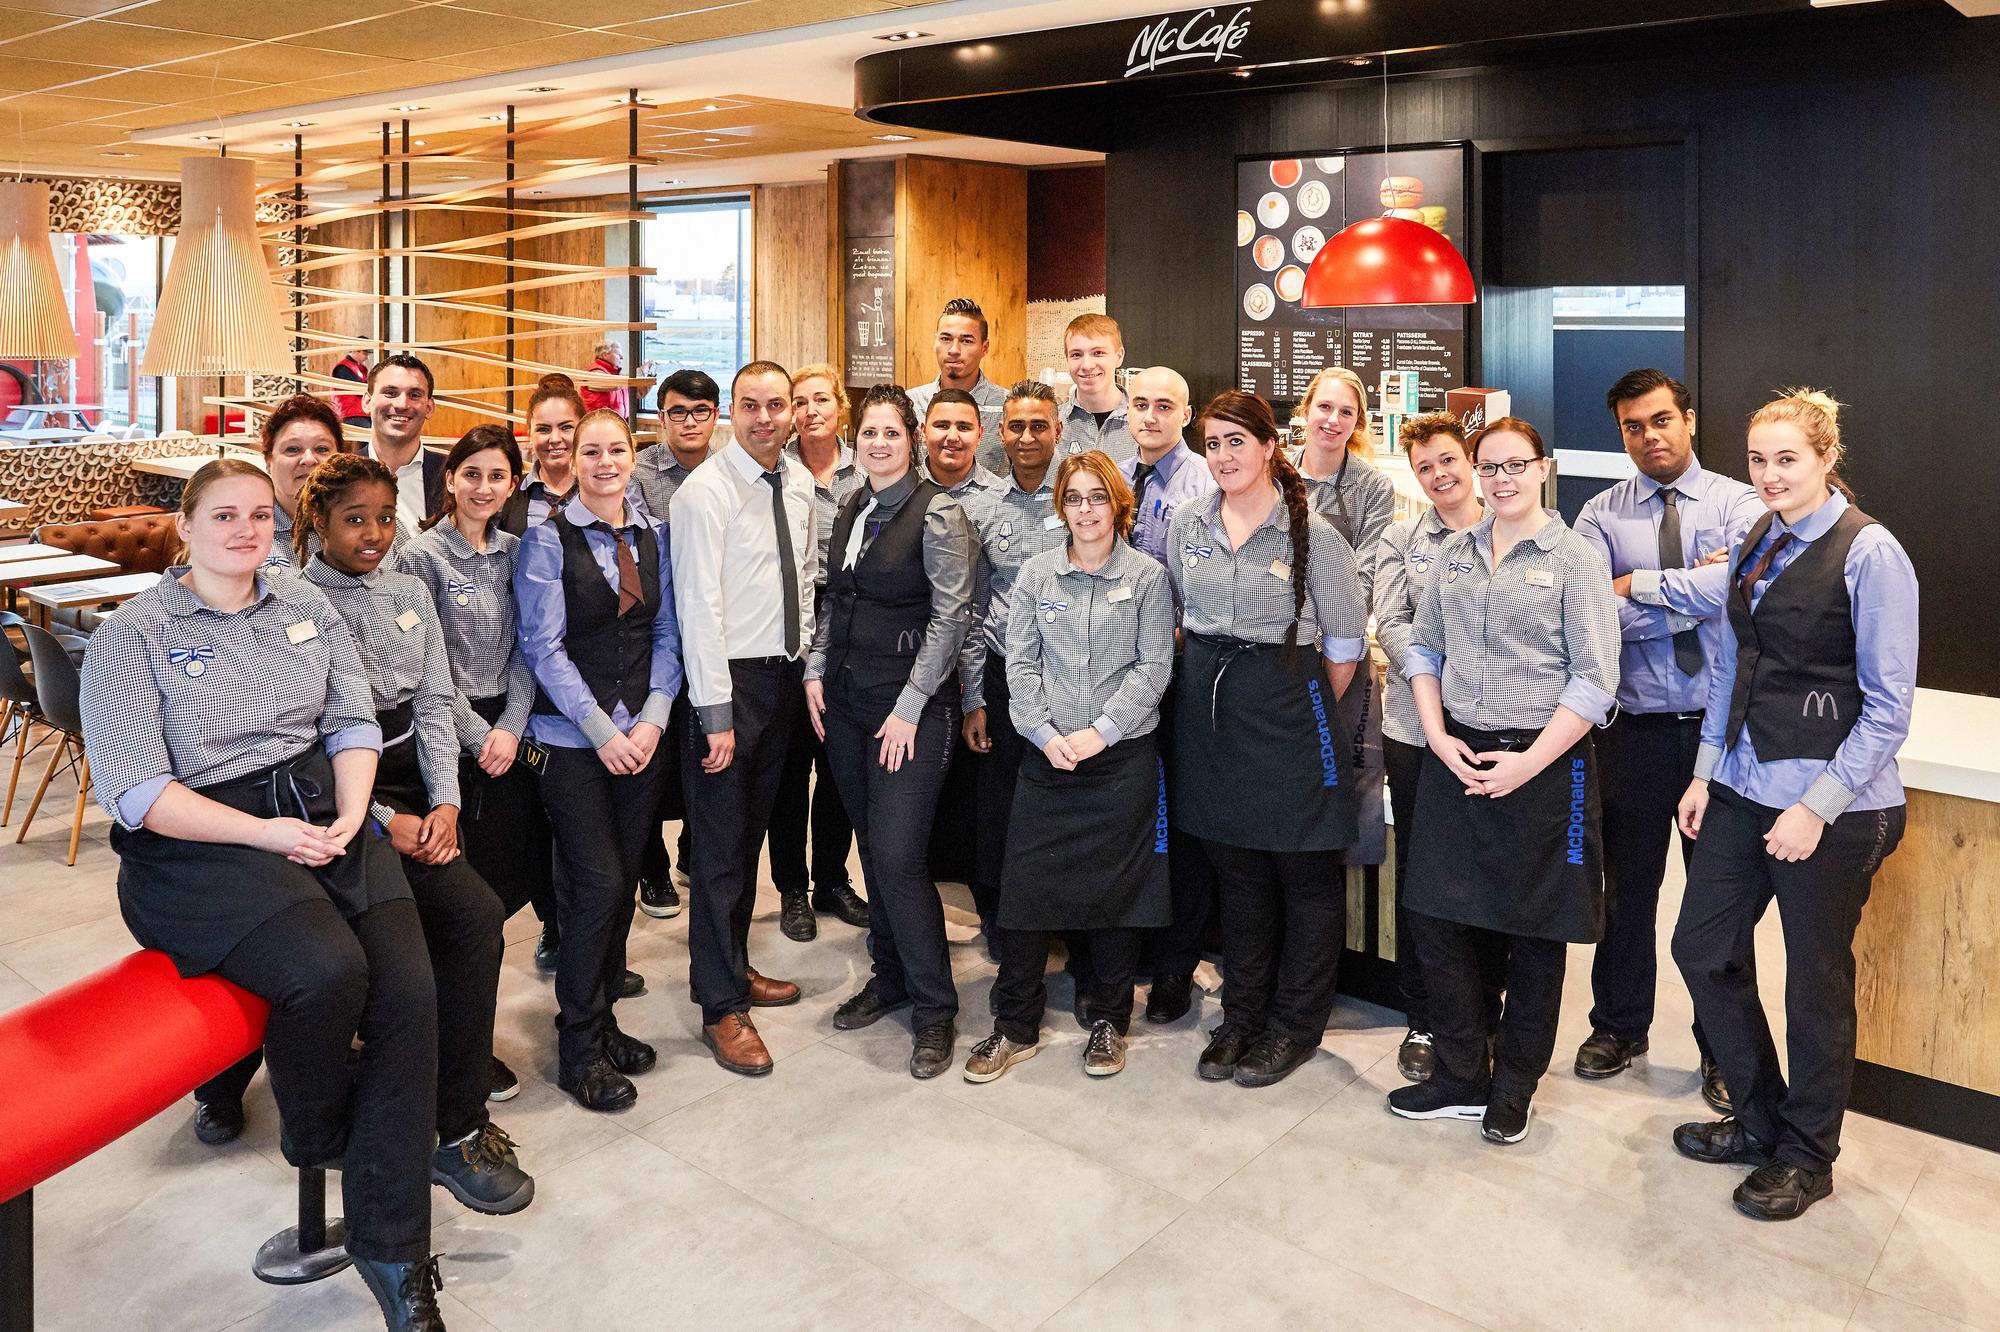 De Crew van McDonald's restaurant Maasdijk voor het 10e McCafé in ons land. Bron: FranchiseFormules.NL